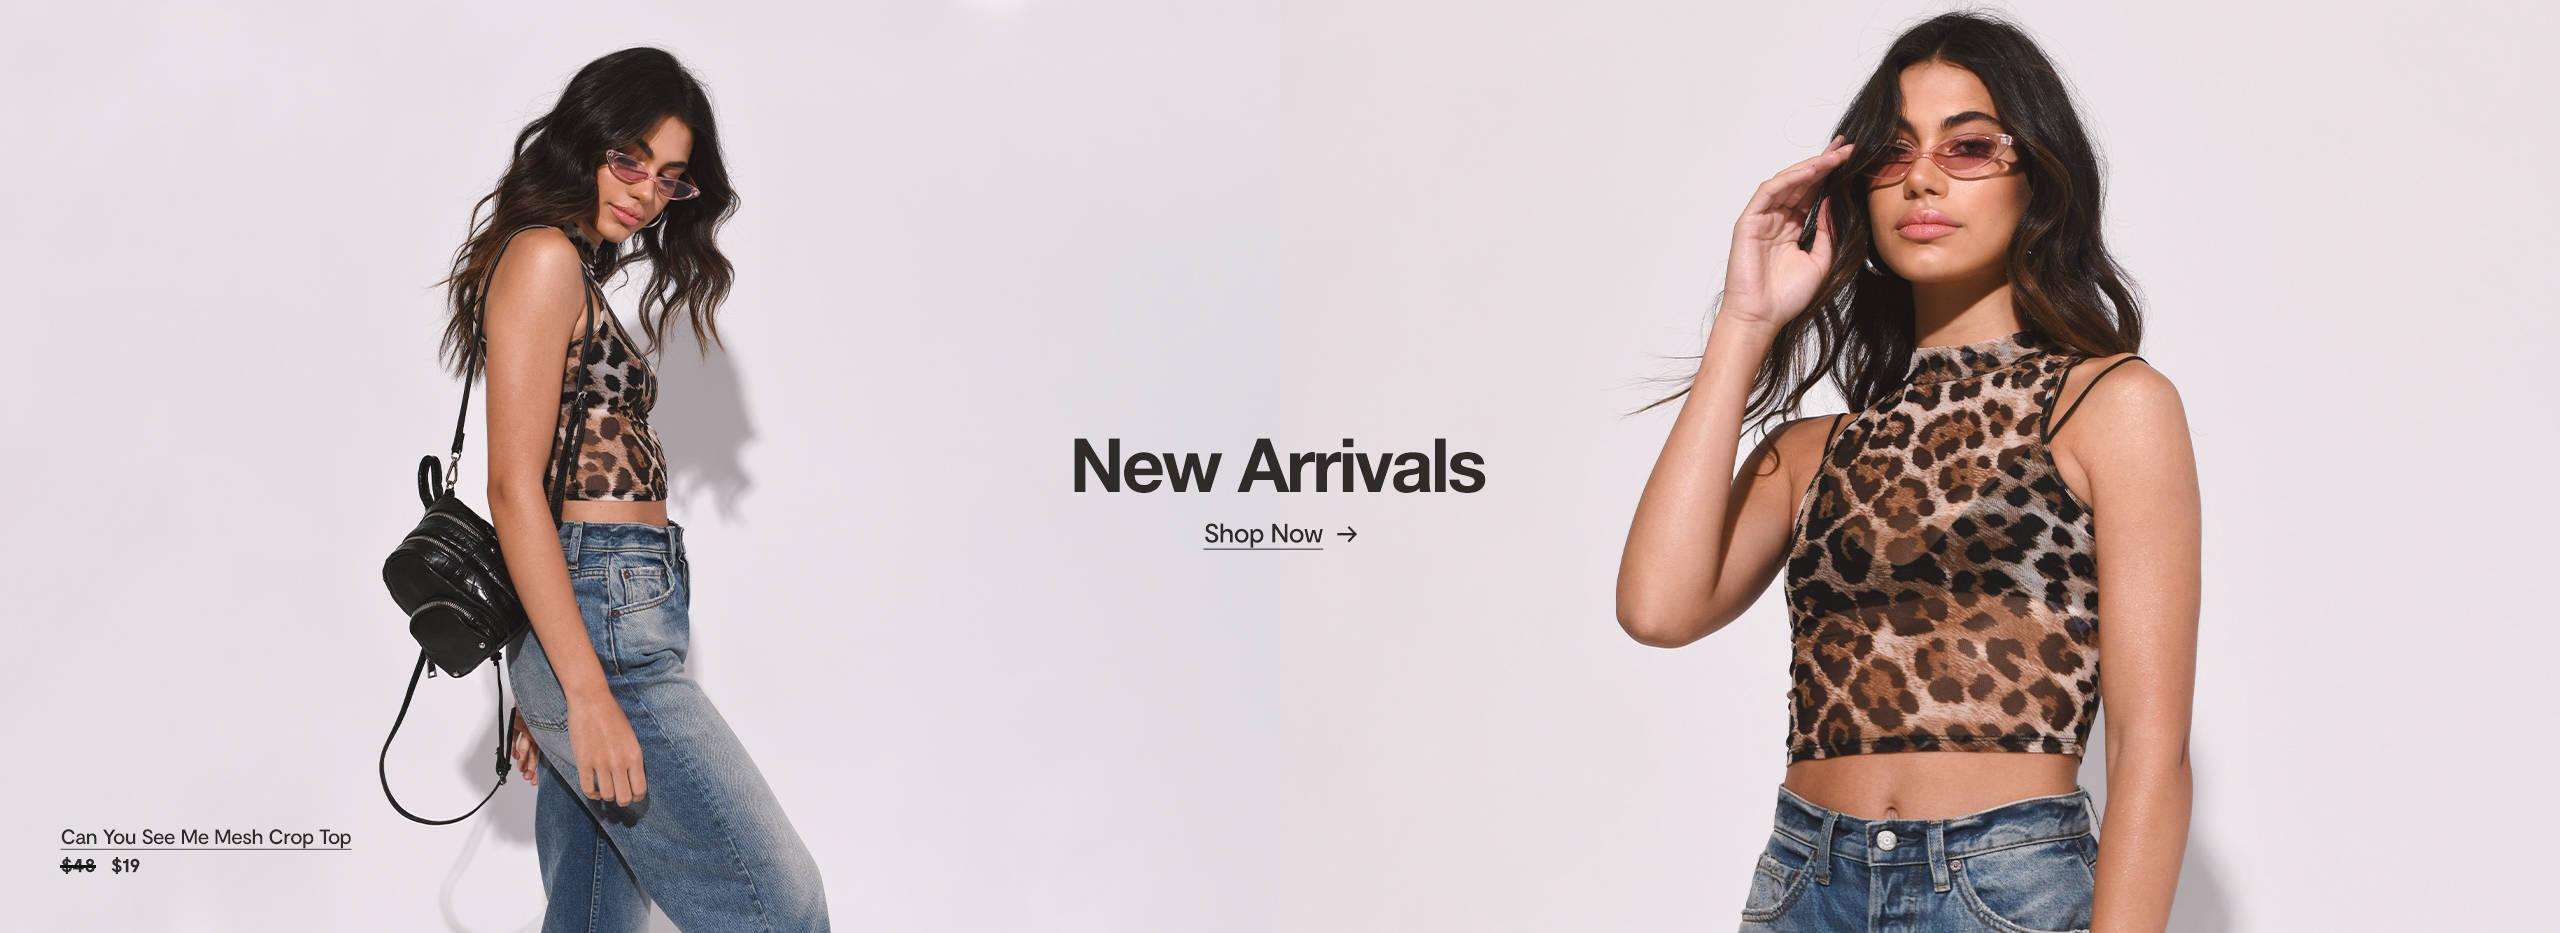 495c88c525df Tobi - Online Shopping Website for Women, Online Women's Clothing ...